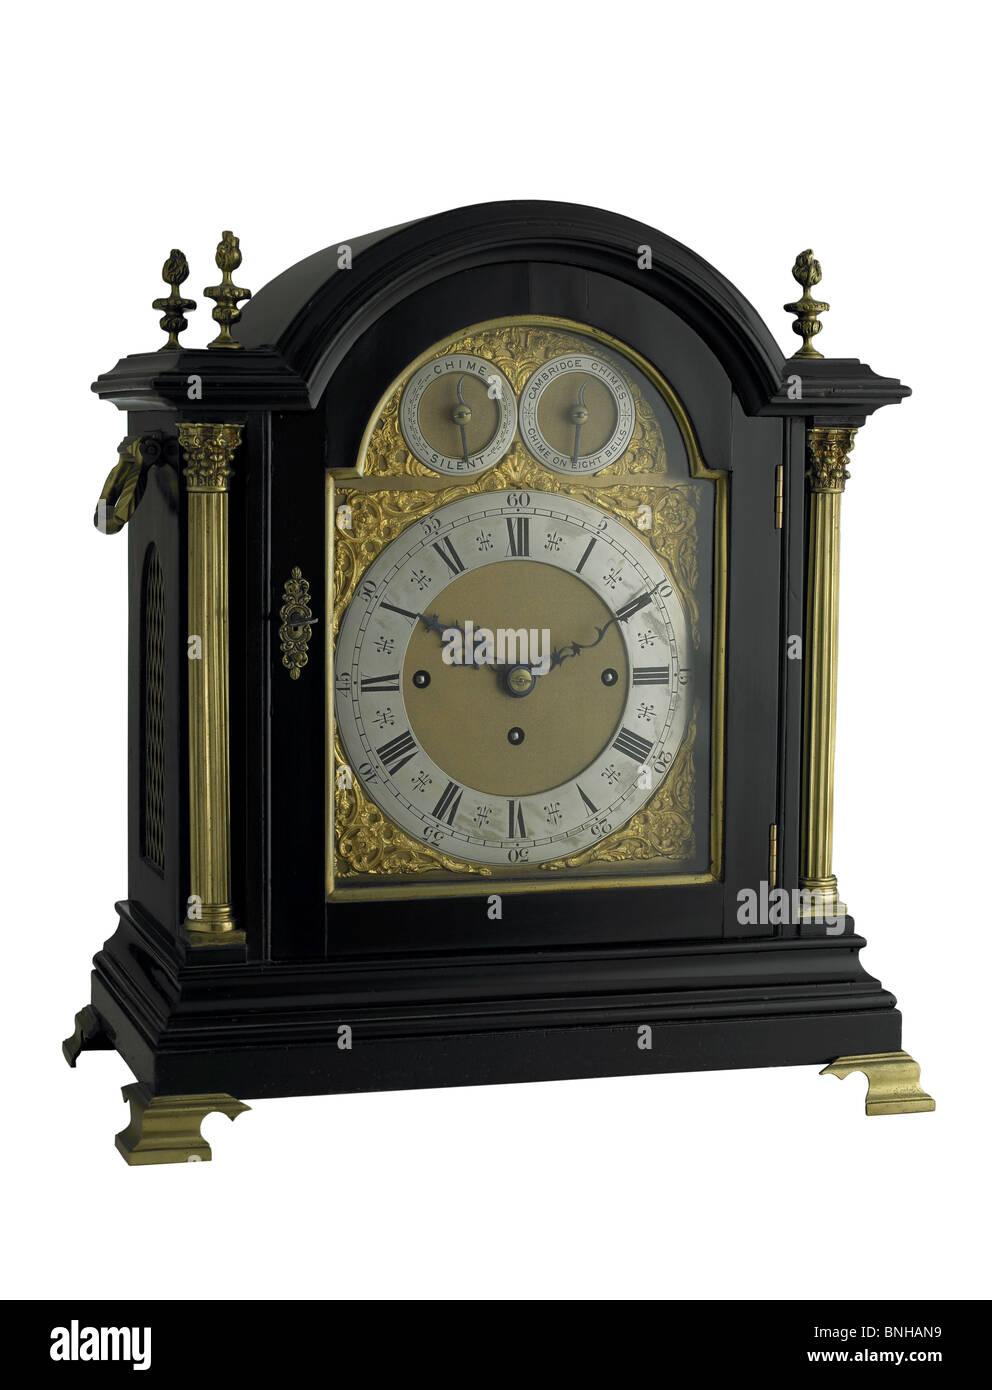 English bracket clock - Stock Image